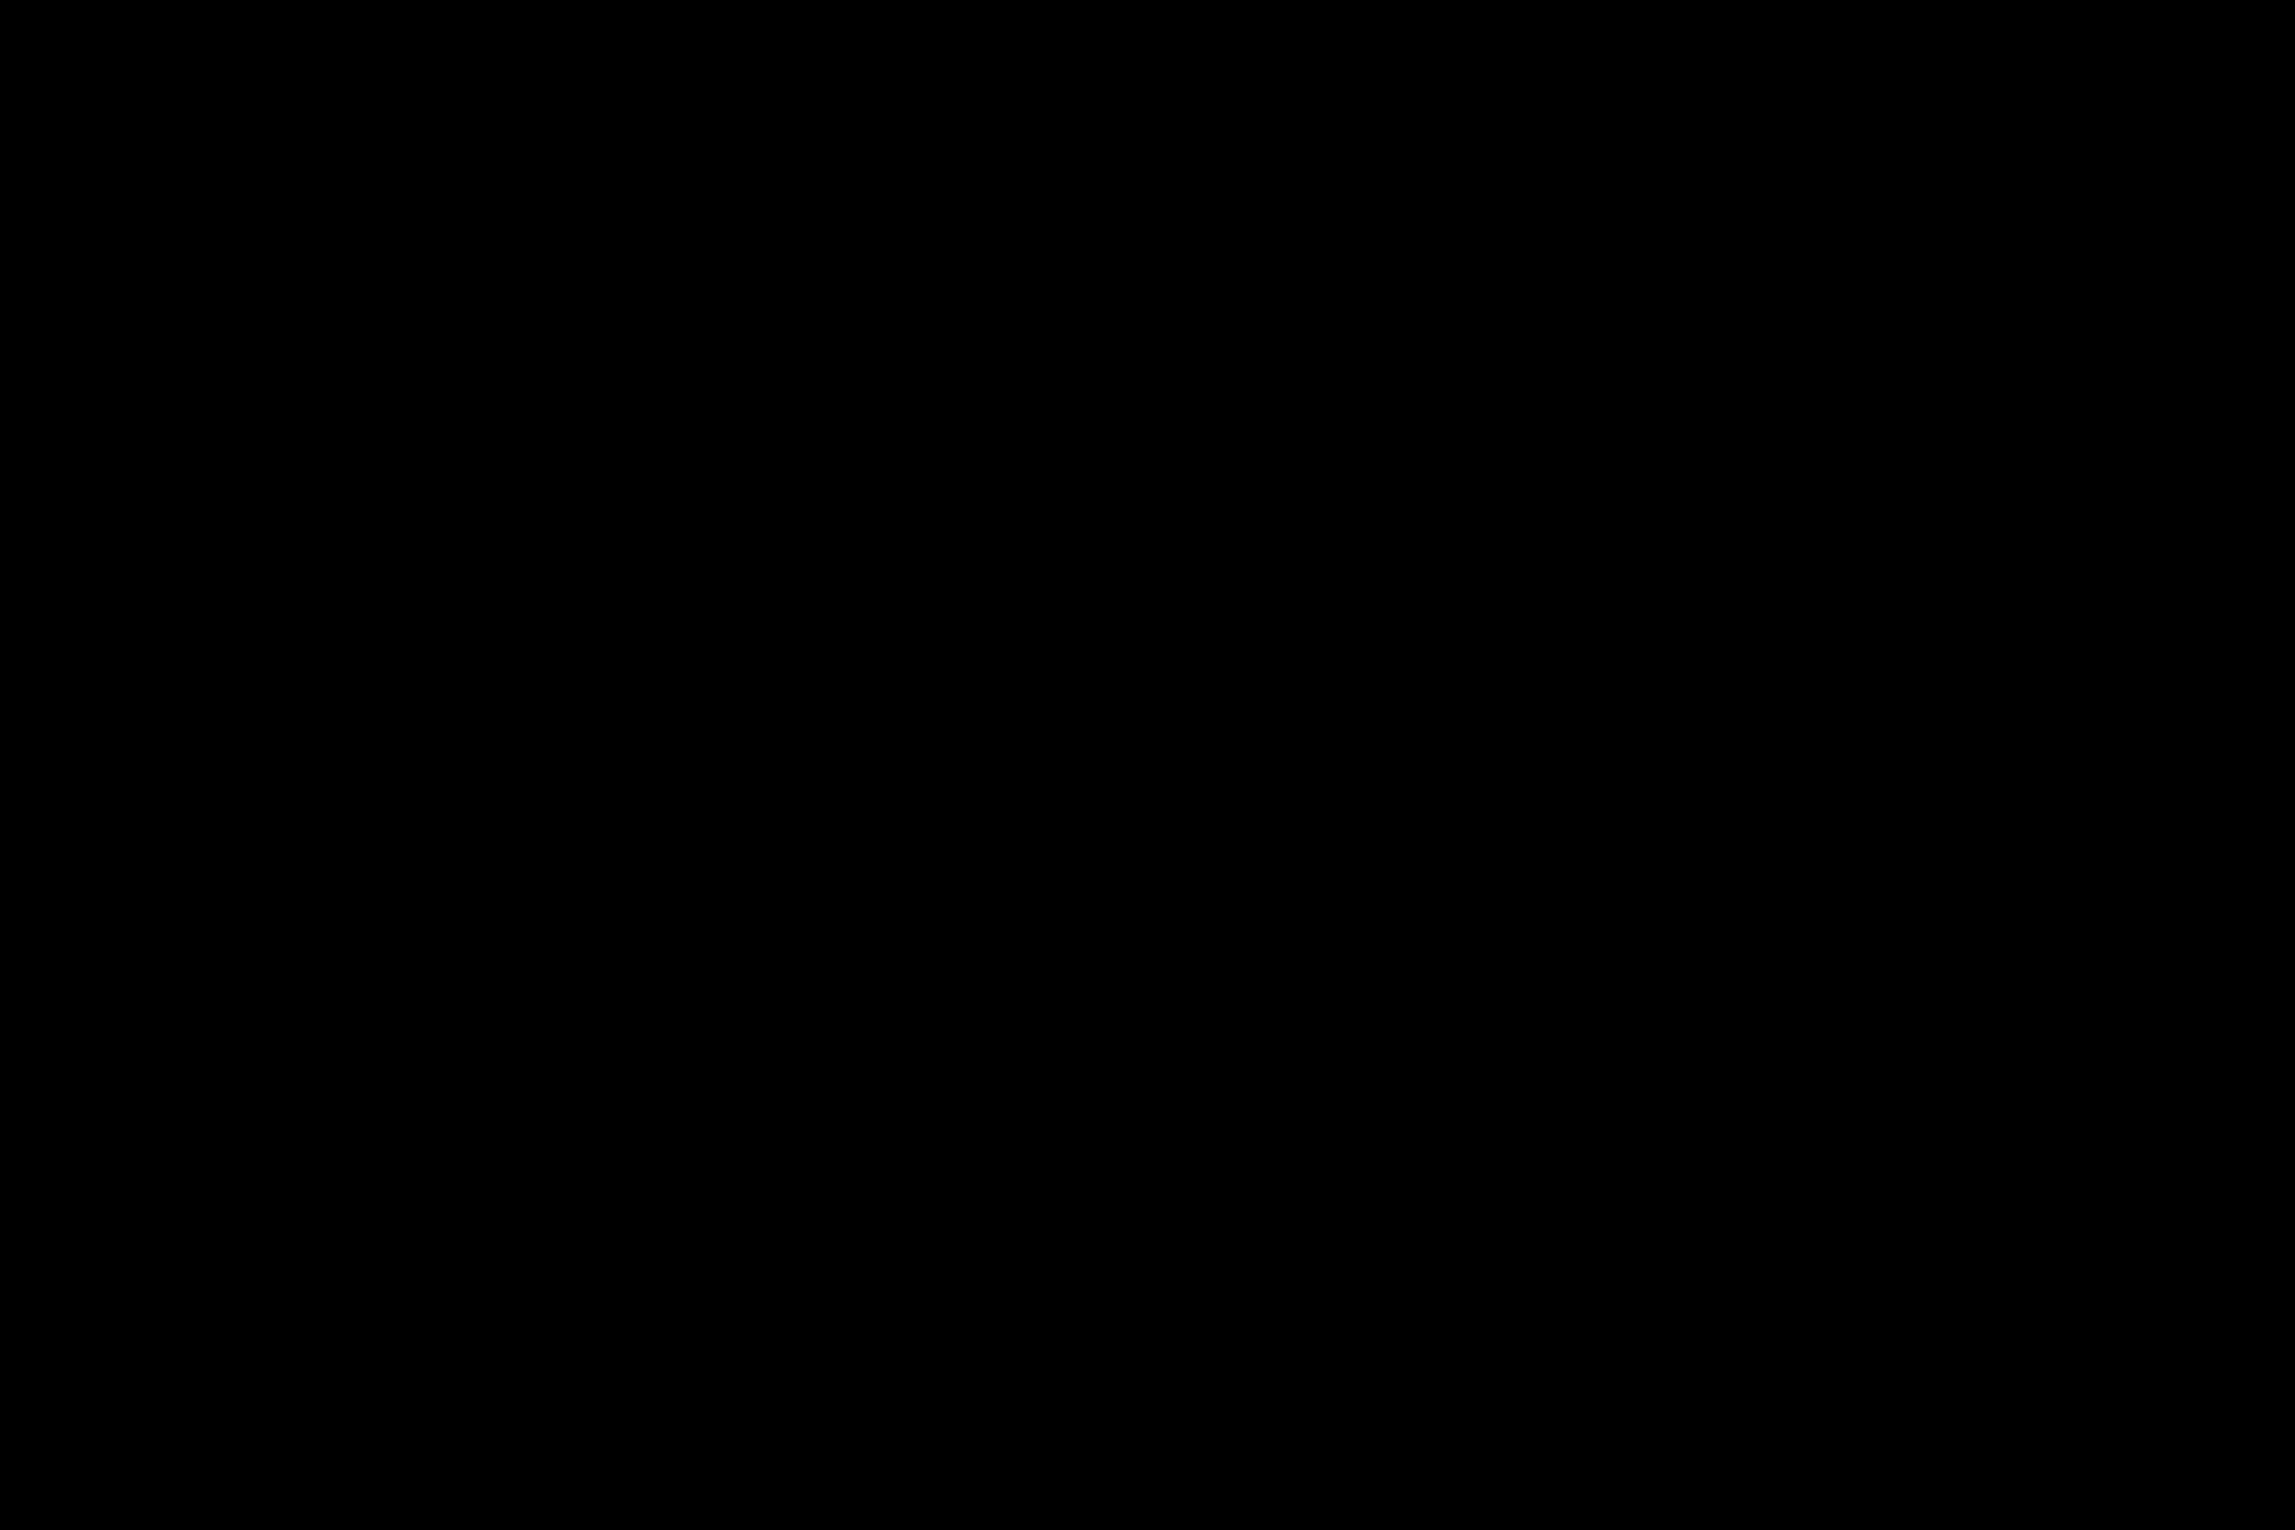 WaveSurfer 4000HD